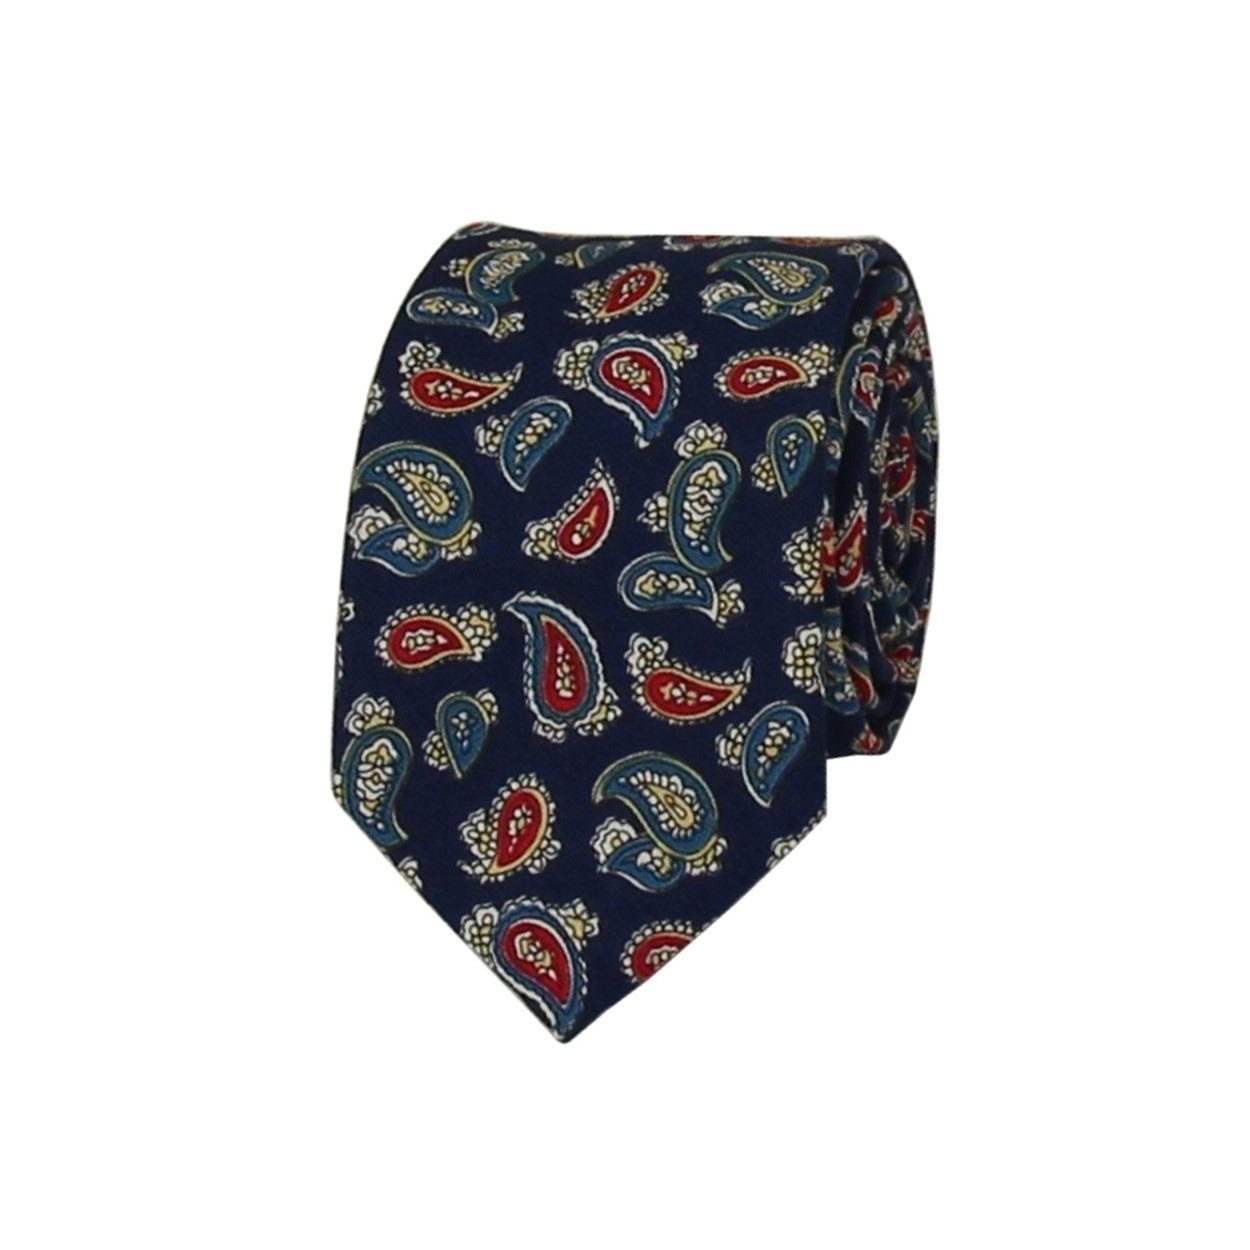 Modrá pánská bavlněná kravata s Paisley vzorem